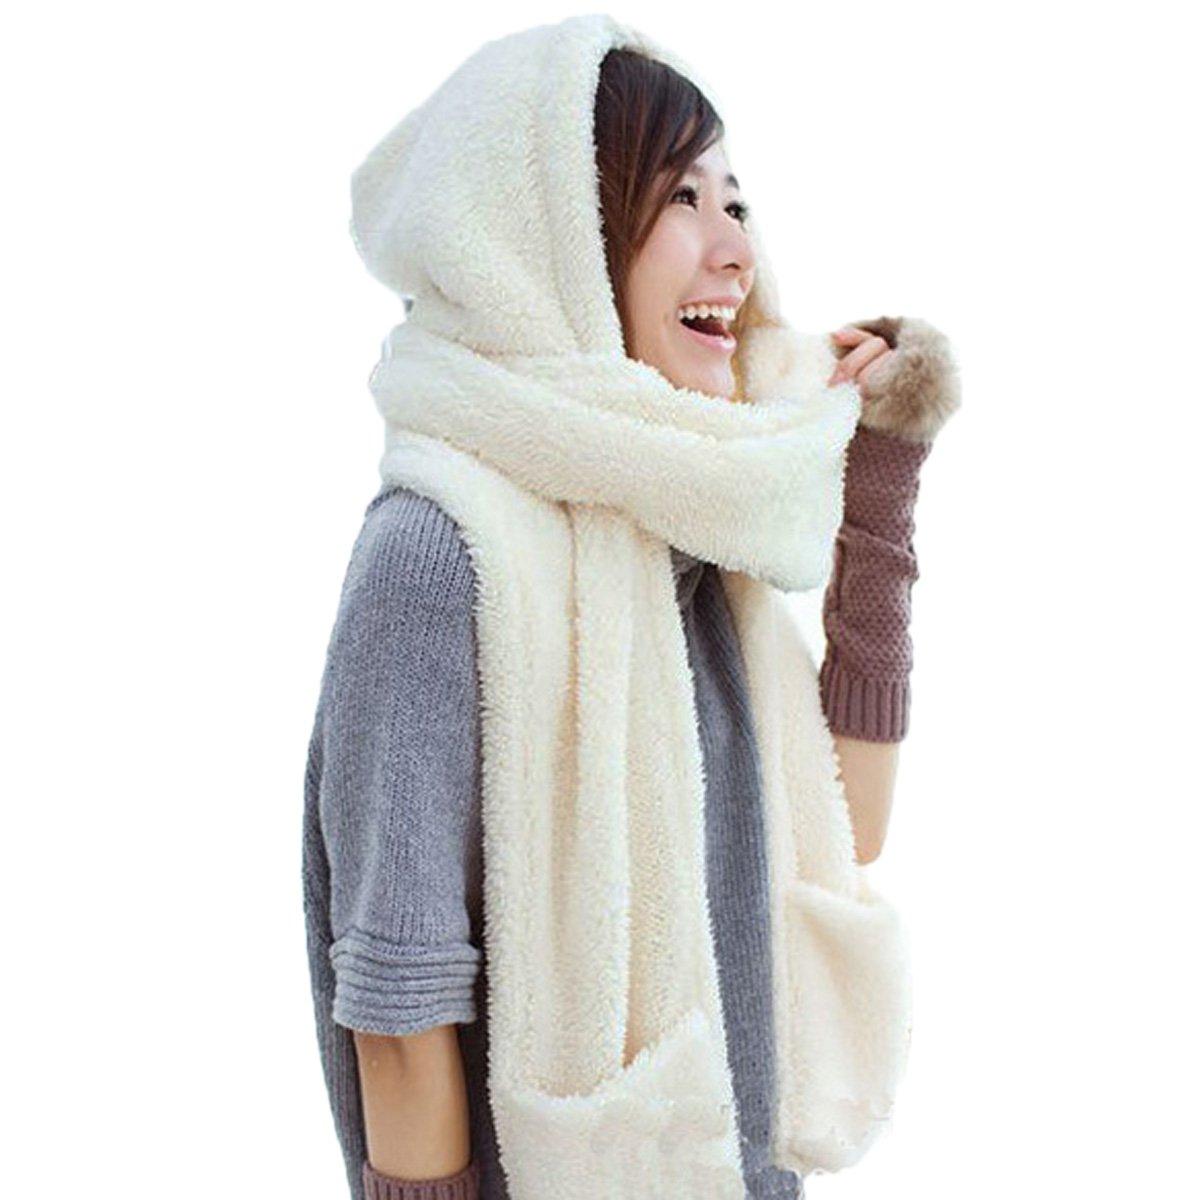 Echarpe et gants femme écharpe en soie pour femme   Travauxchezvous 7b8806a7a2a